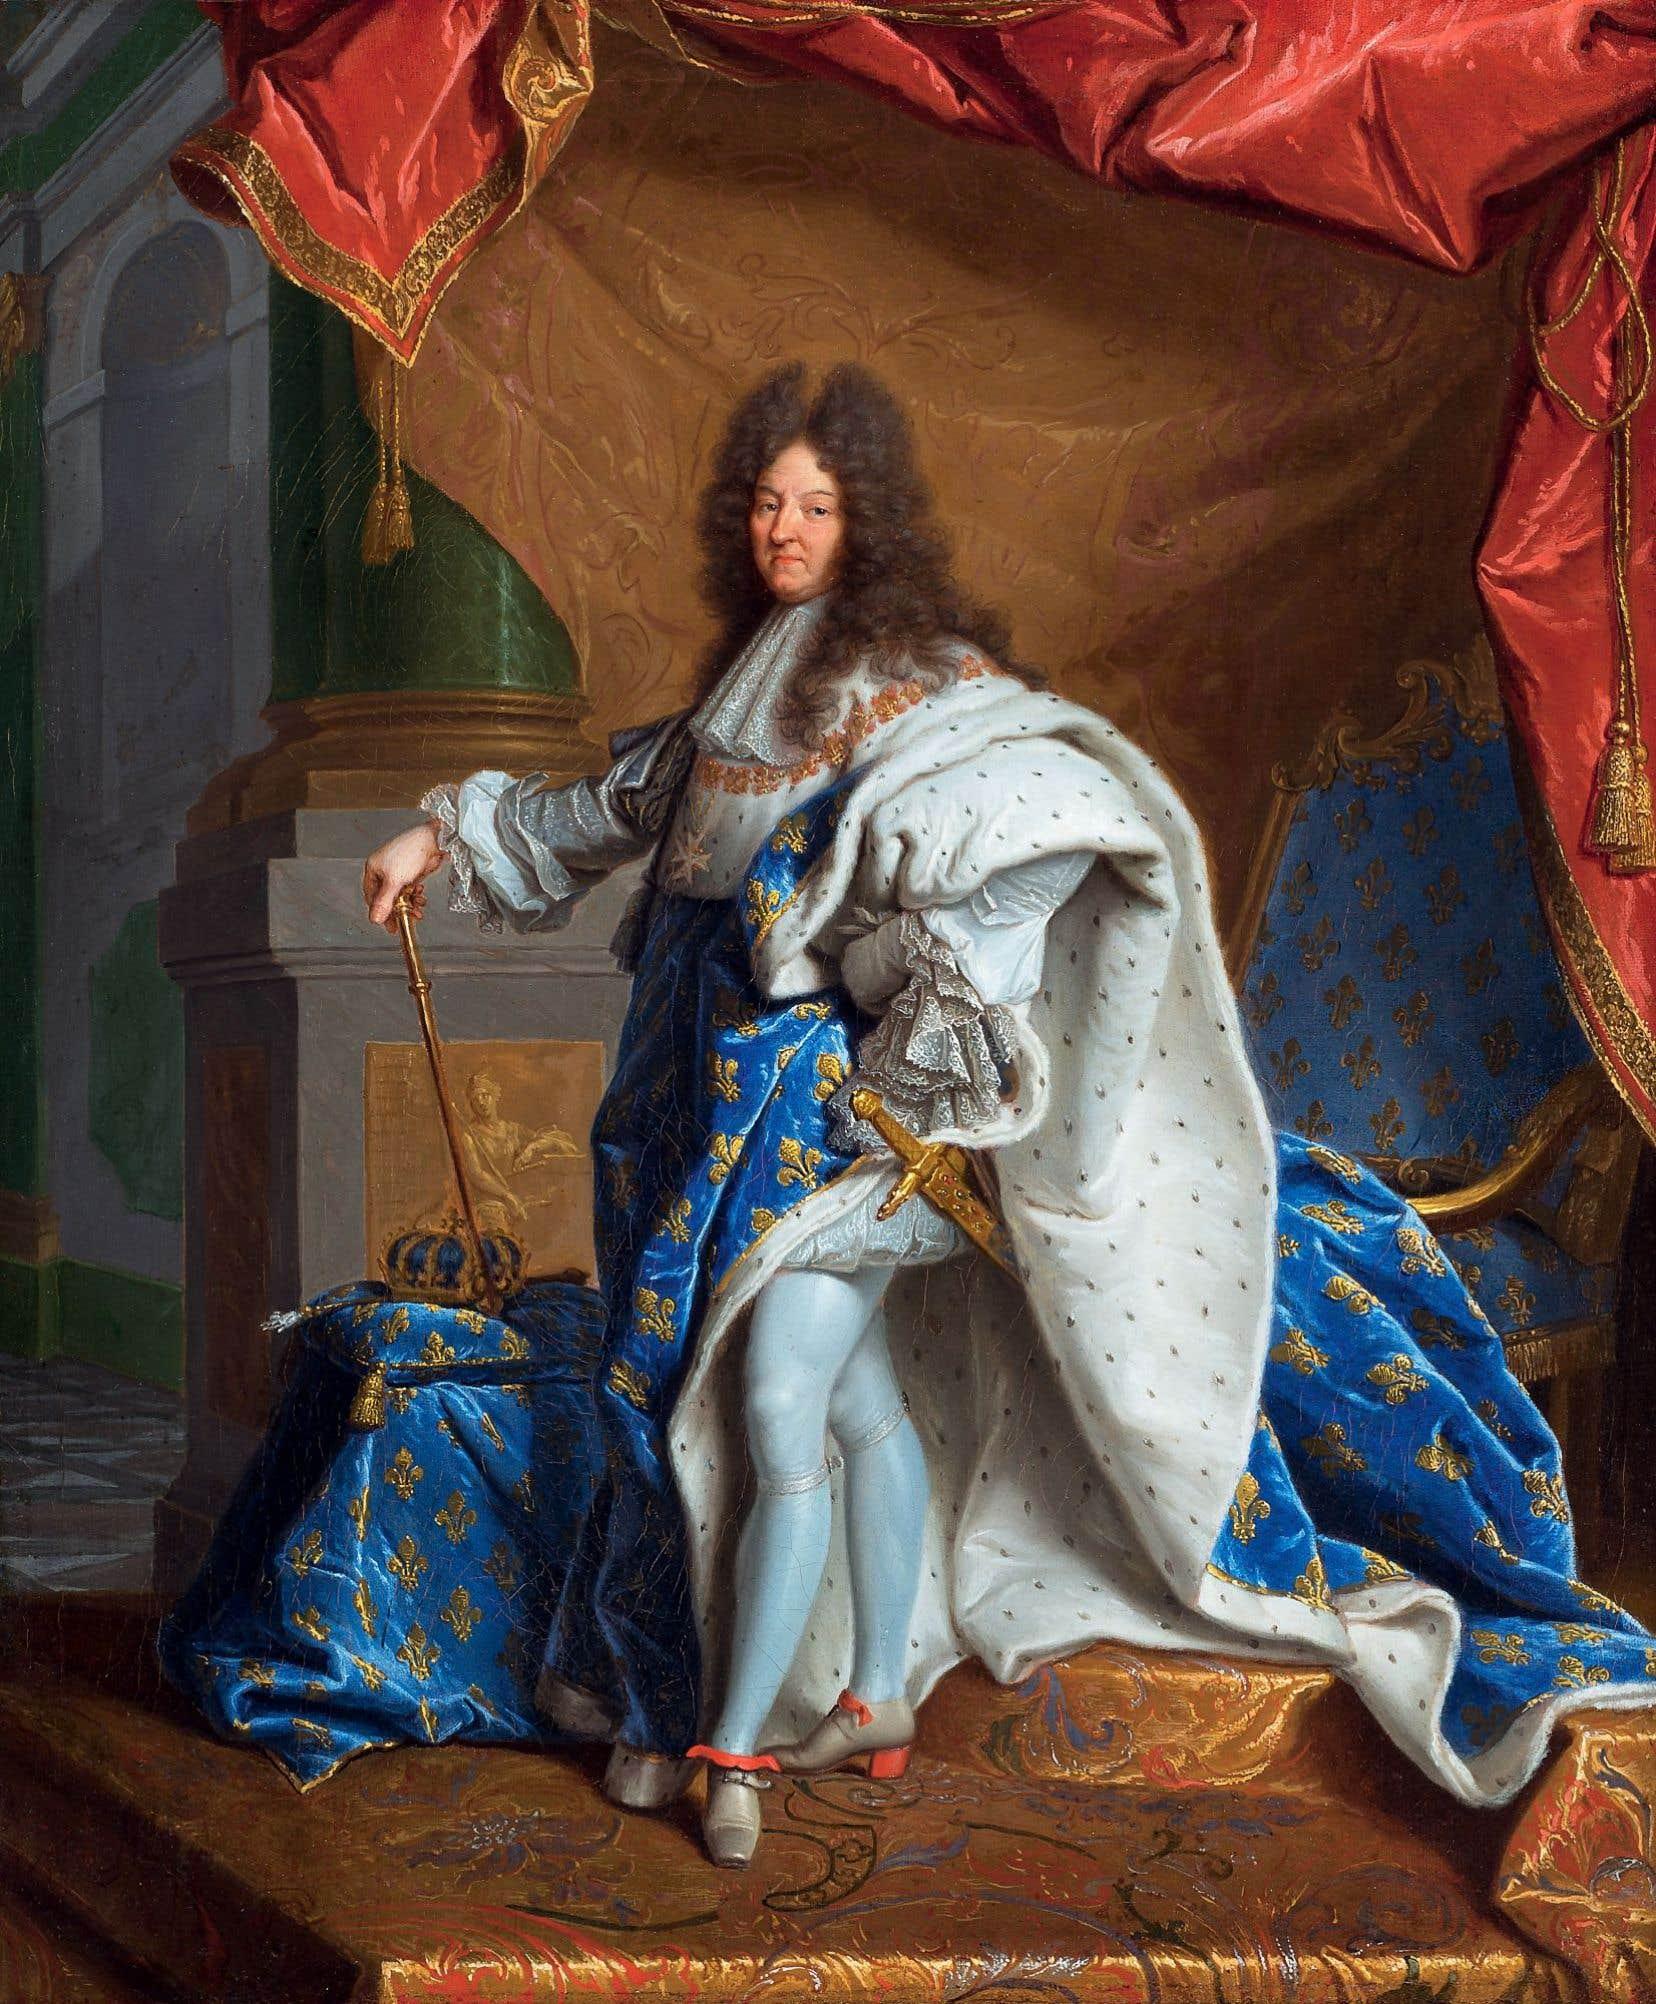 Hyacinthe Rigaud, «Modello du Portrait de Louis XIV en grand costume royal», 1701, huile sur toile, 55 x 45cm